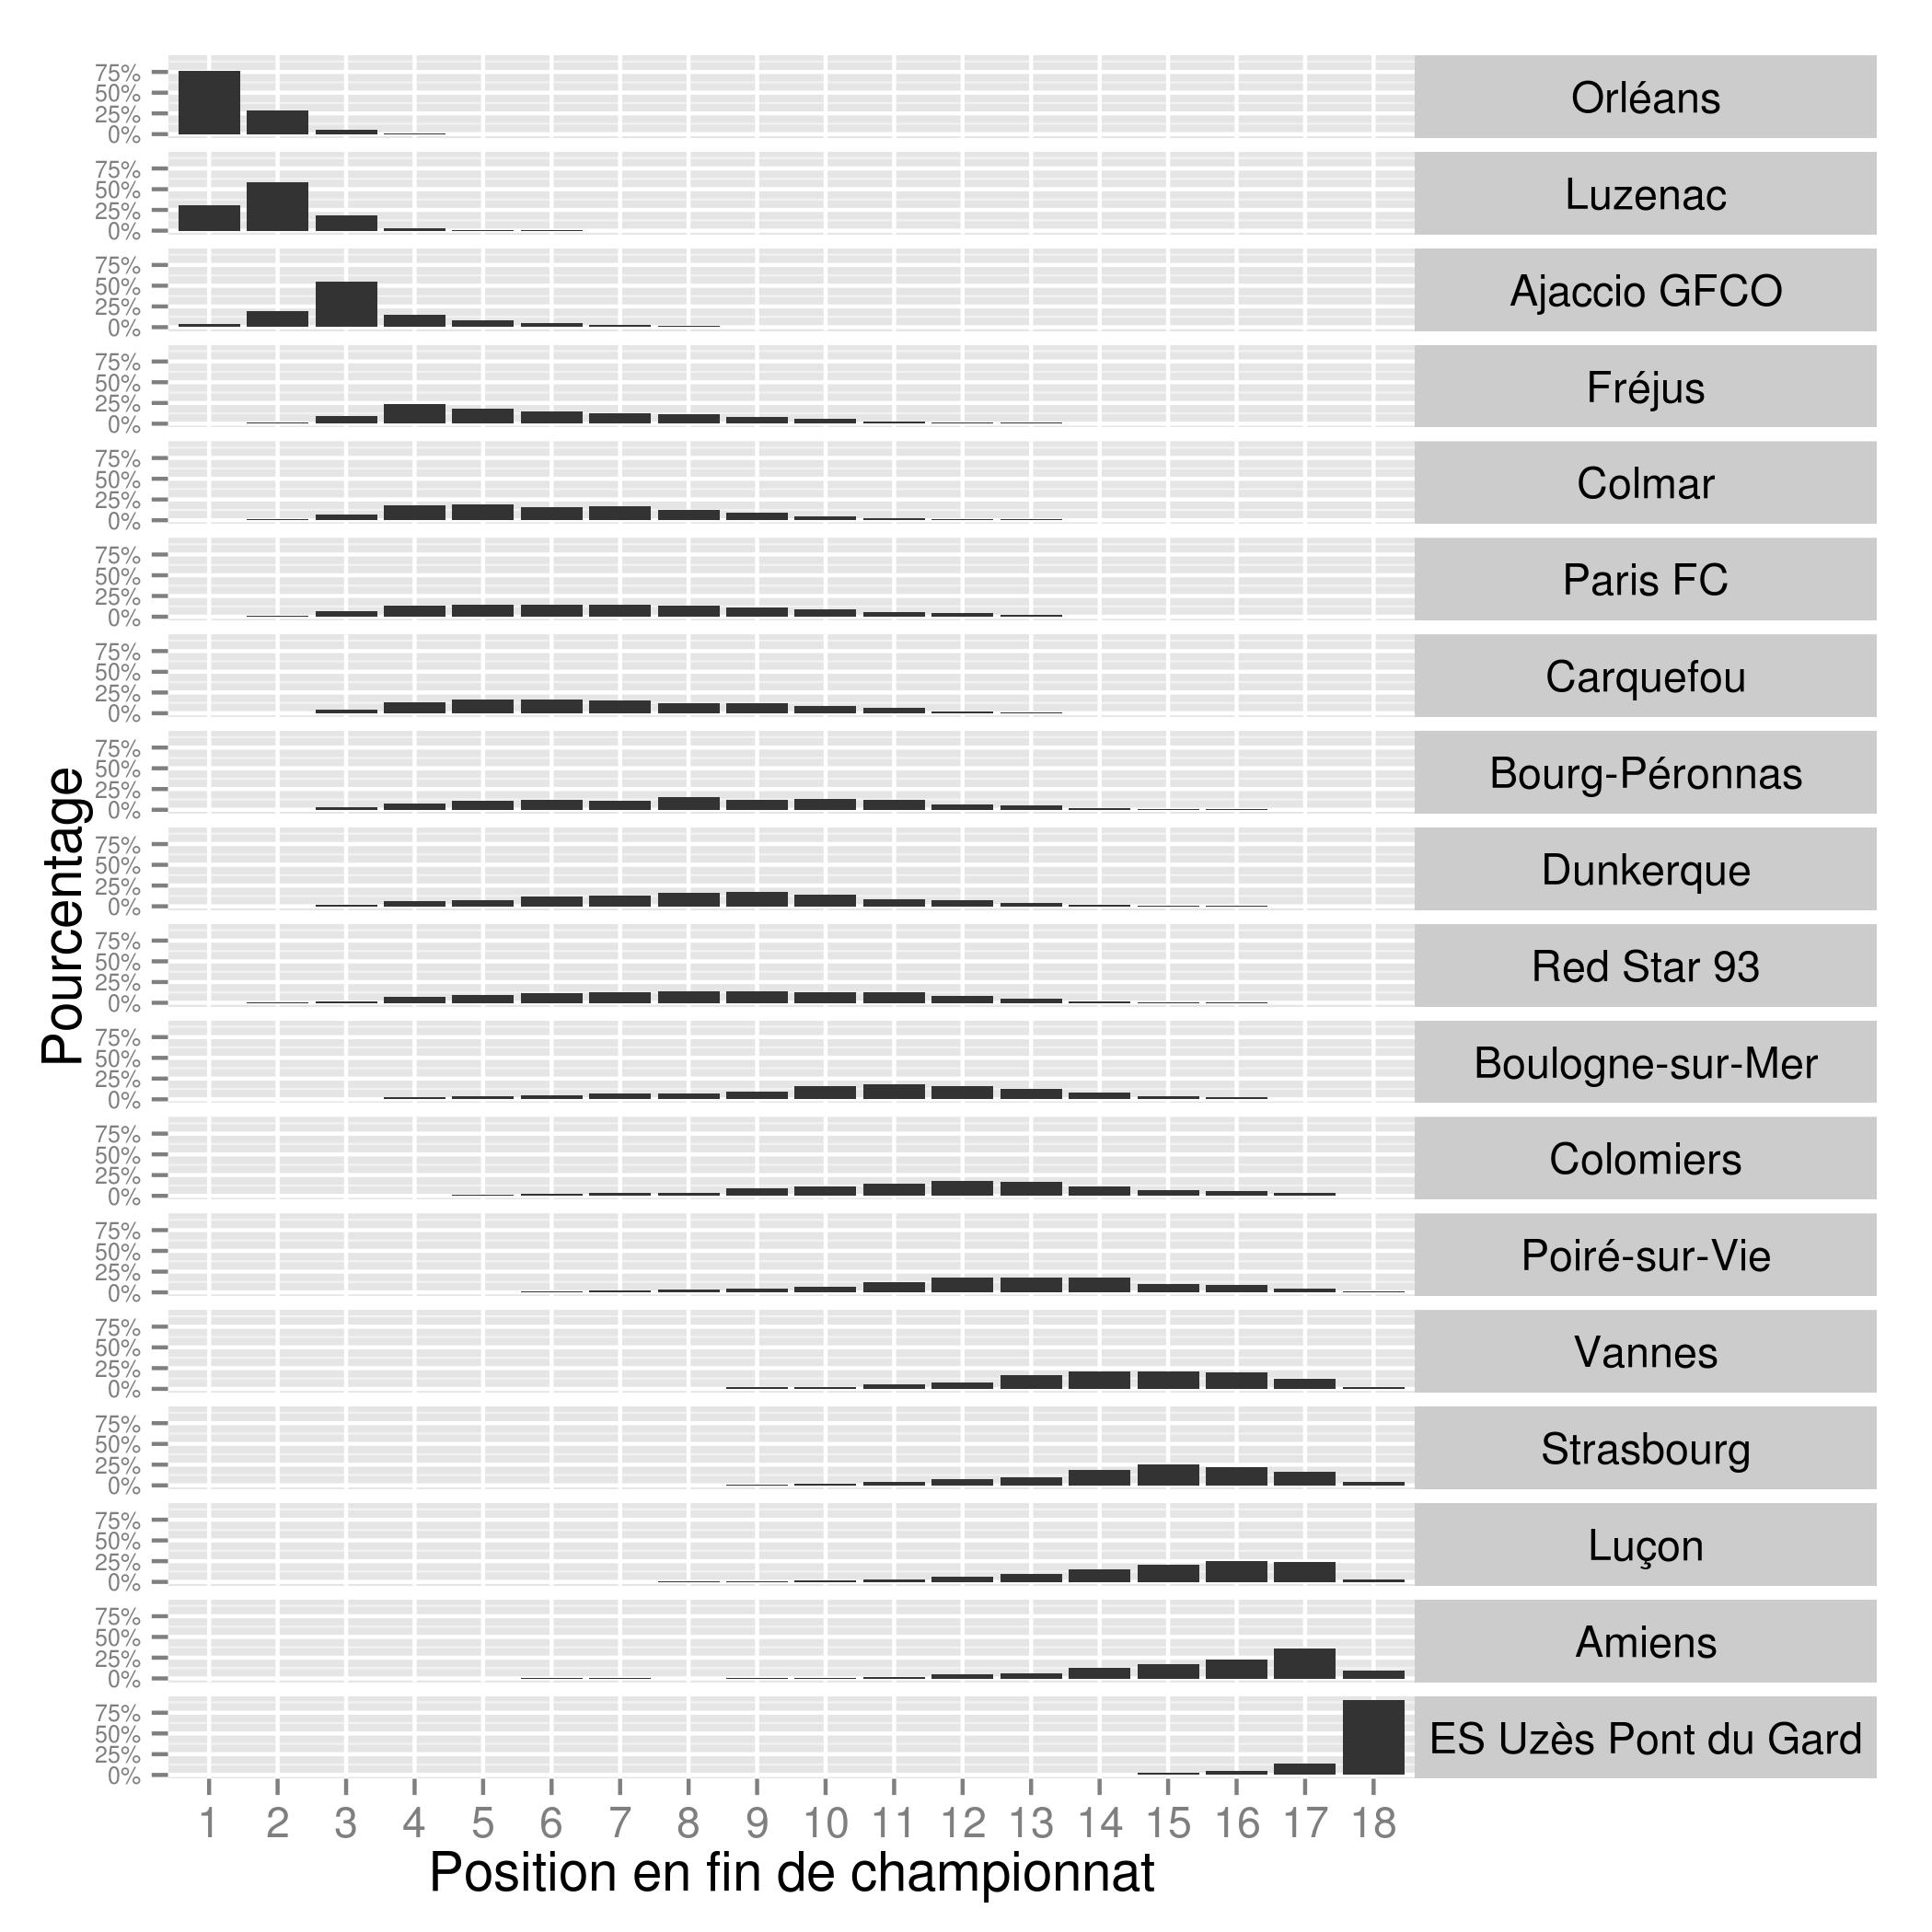 Probabilités de classement club par club à l'issue de la saison en tenant compte des 23 journées jouées. (Graphe JPDarky)